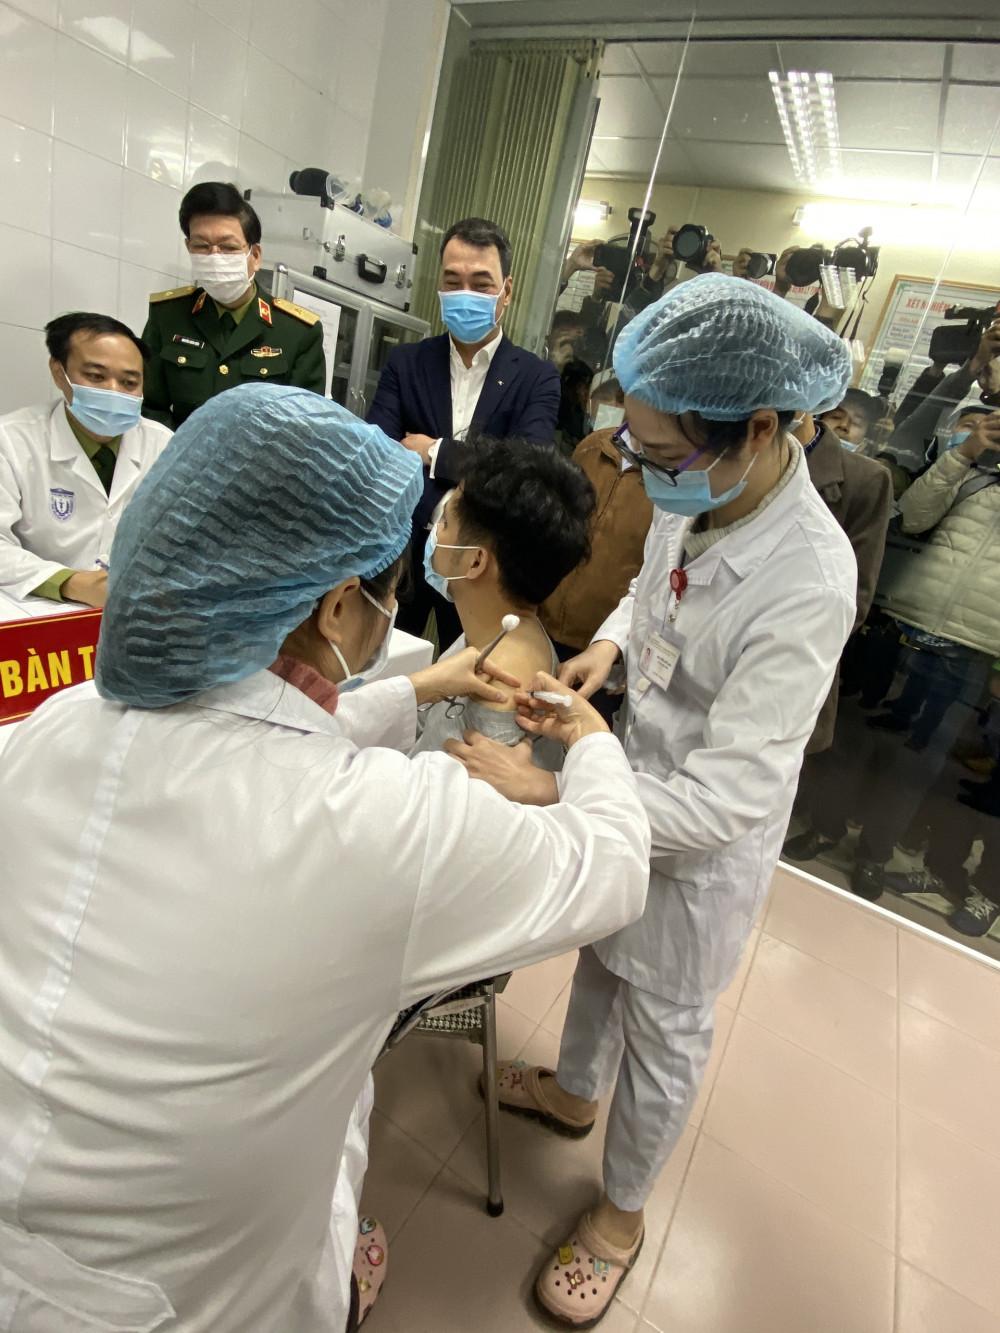 Tiêm thử nghiệm vắc xin ngừa COVID-19 tại Việt Nam